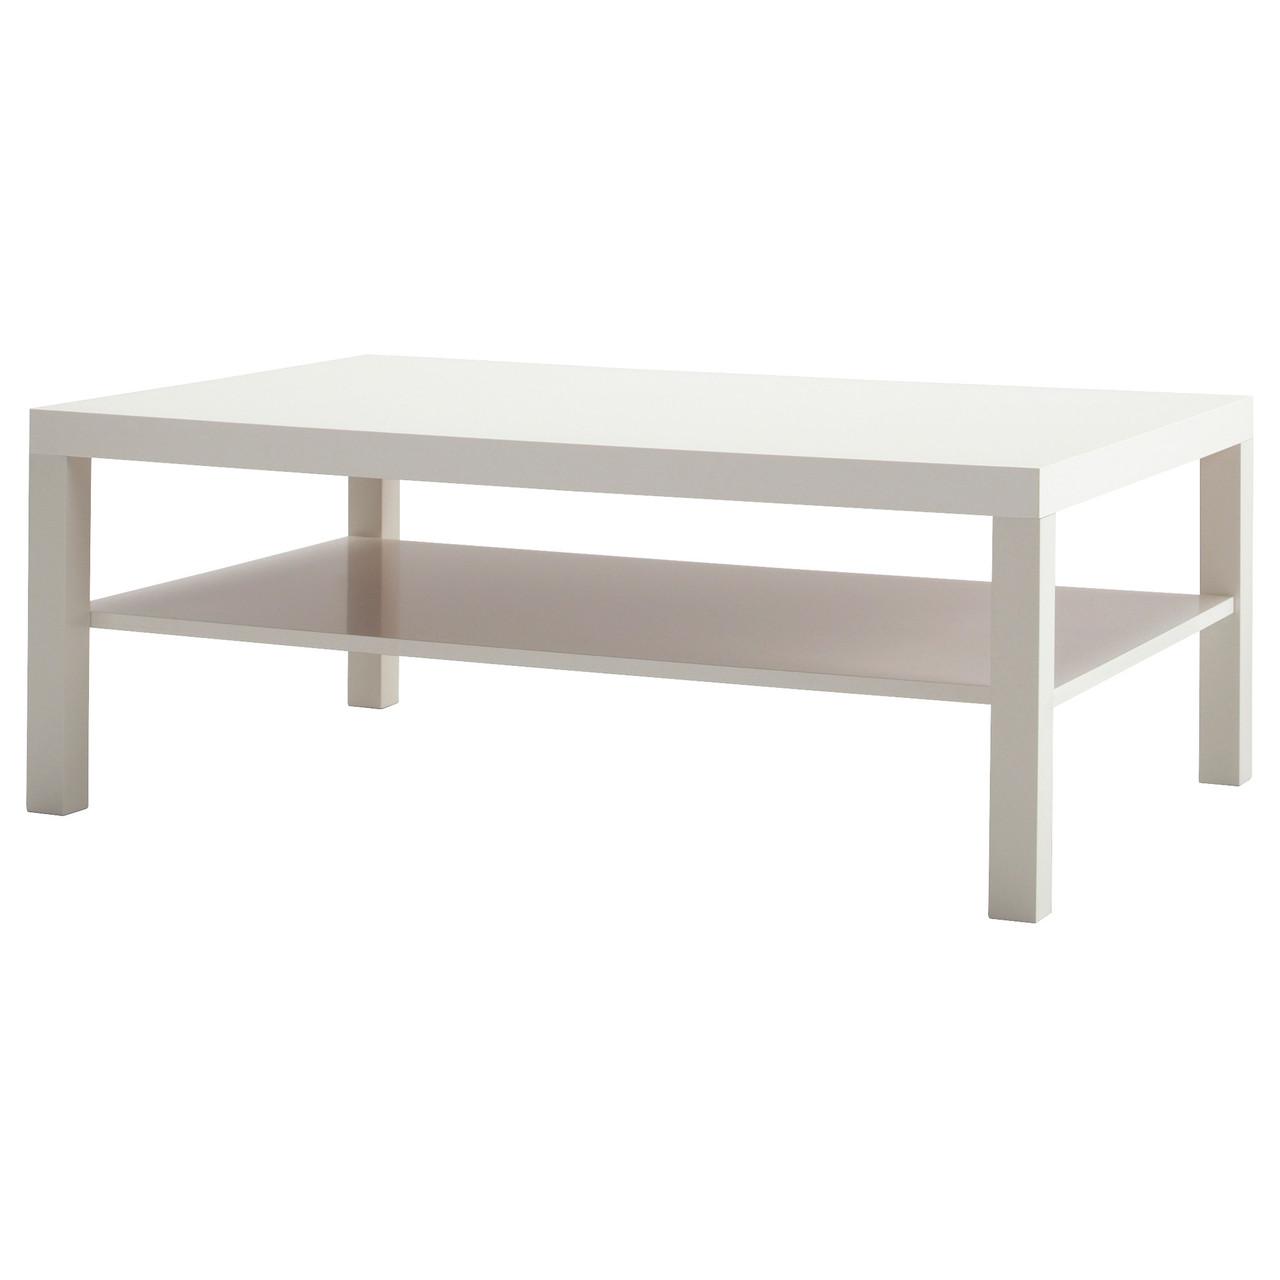 журнальный столик Ikea Lack белый 10065958 цена 1 328 грн